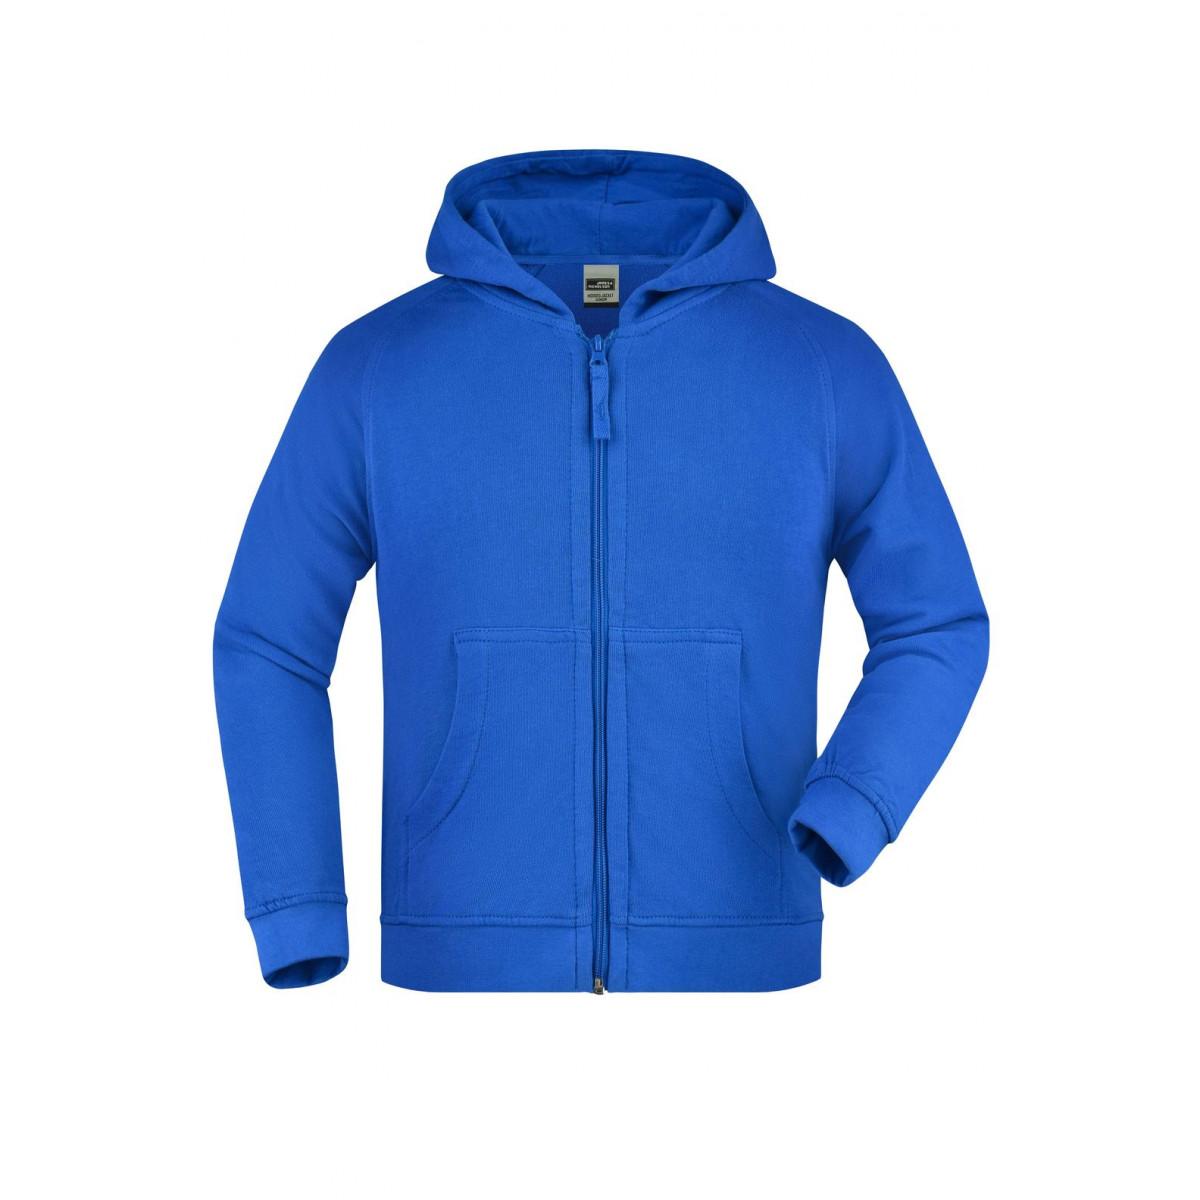 Толстовка детская JN059K Hooded Jacket Junior - Ярко-синий